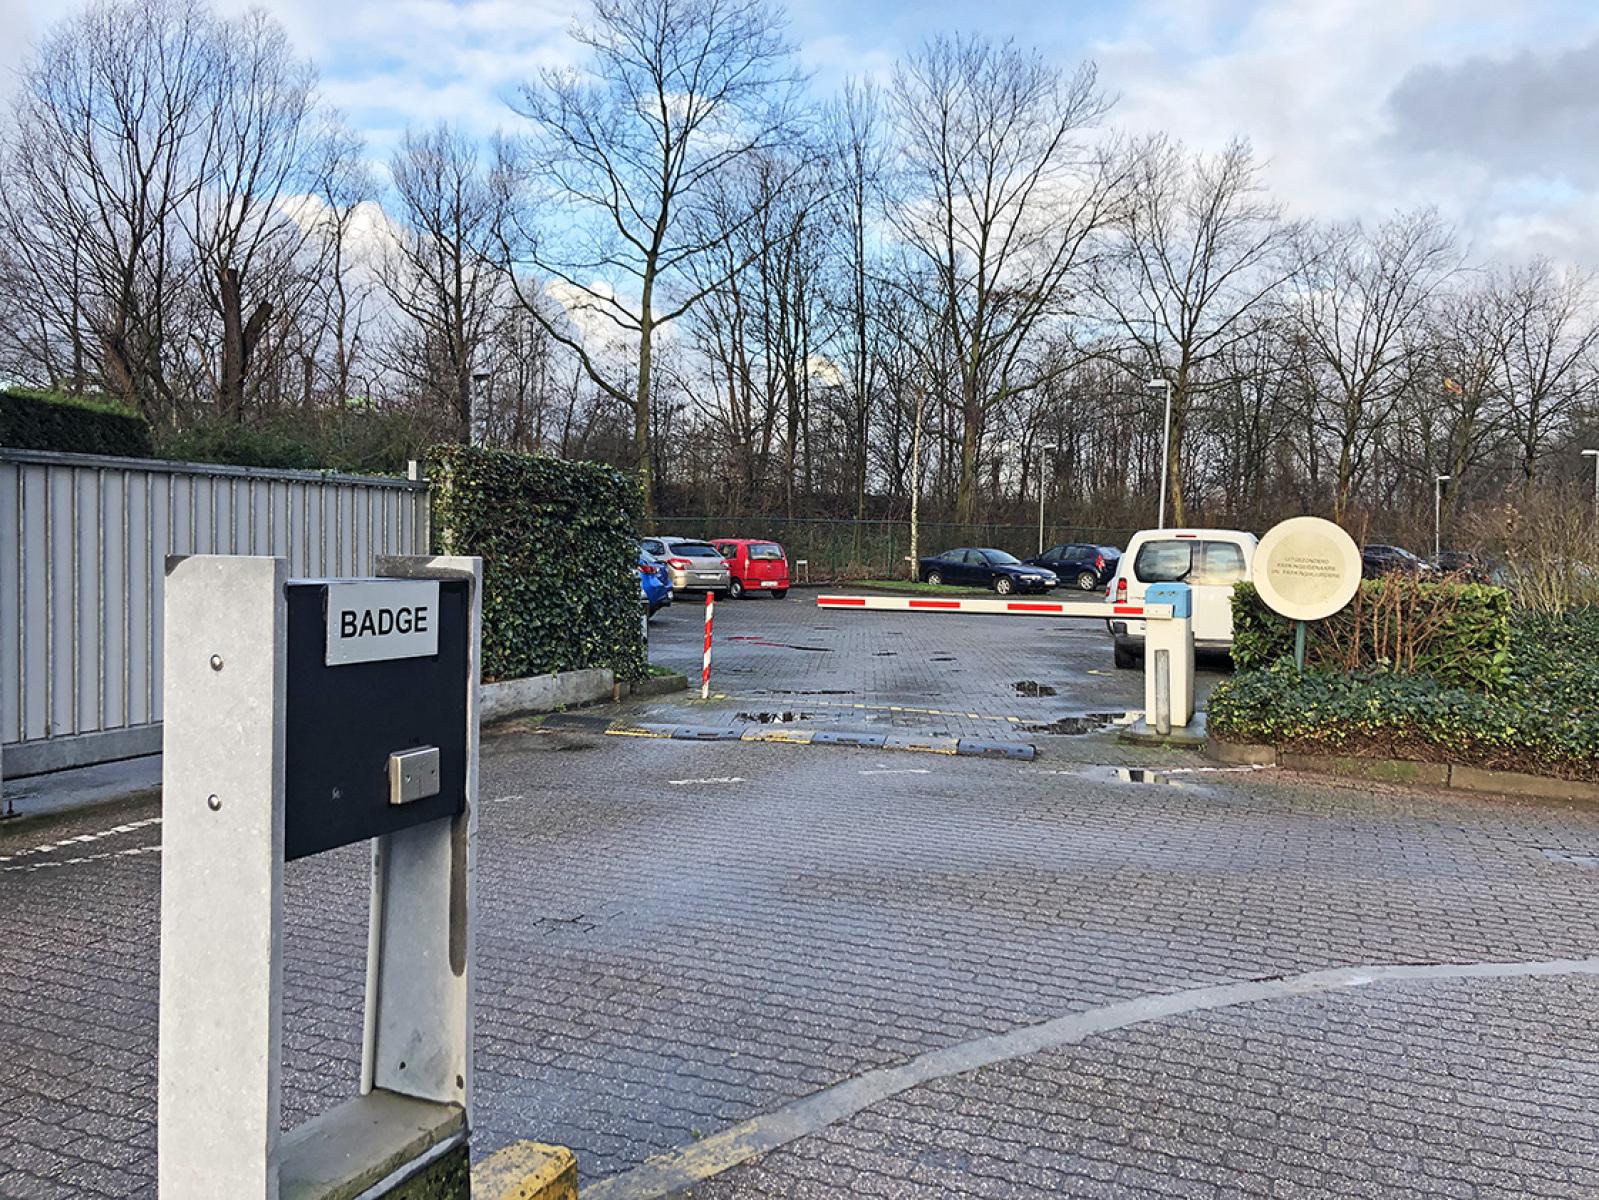 Buitenautostaanplaats te koop centraal gelegen op de grens van Borgerhout en Deurne! afbeelding 3